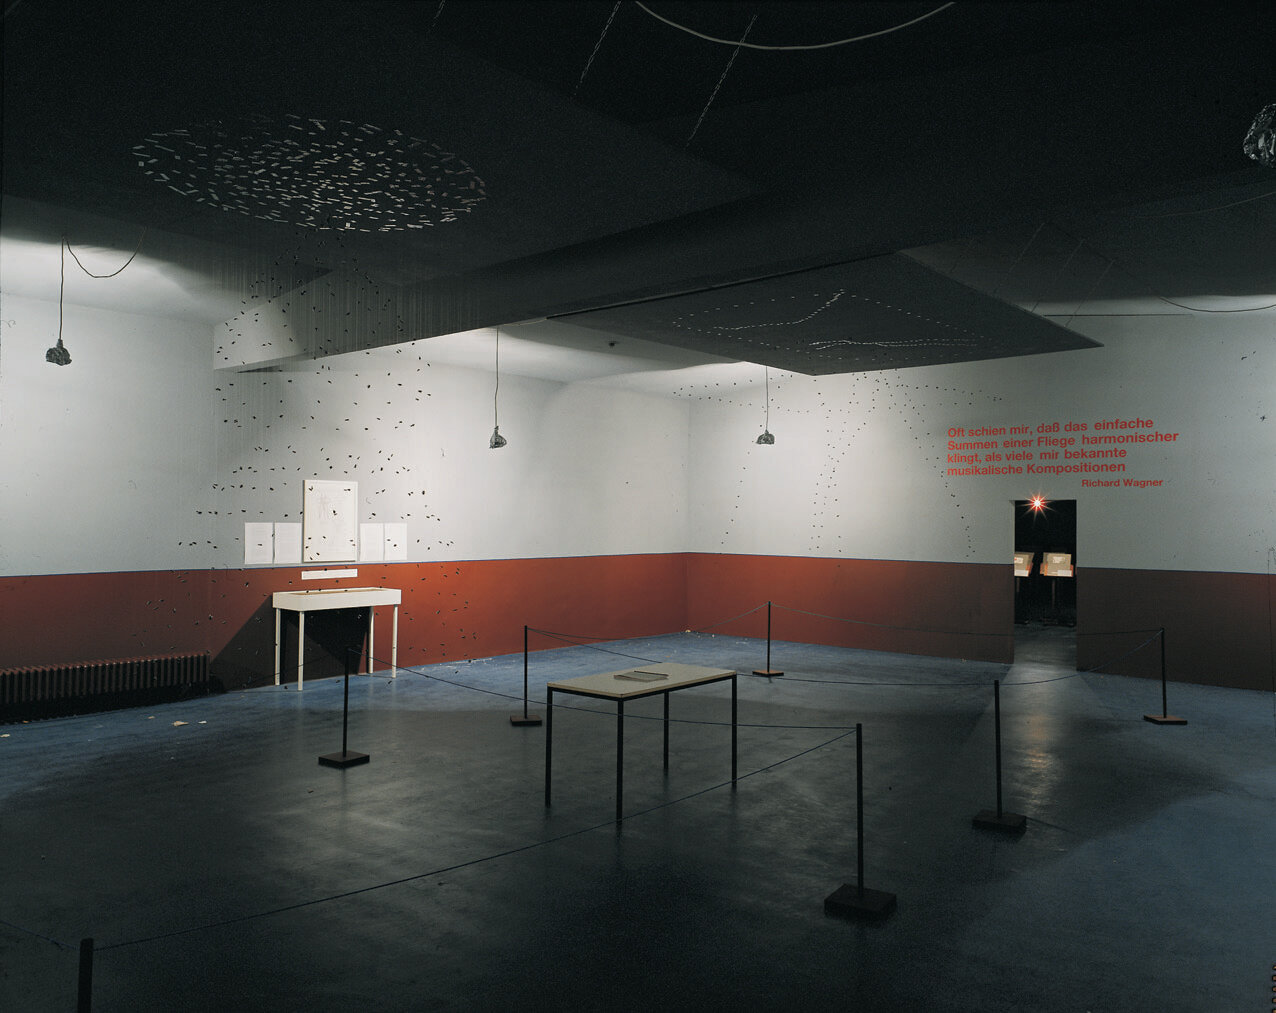 View-of-installation-room-2-Kölnischer-Kunstverein-Cologne-1992-Photo-by-Boris-Becker.jpg